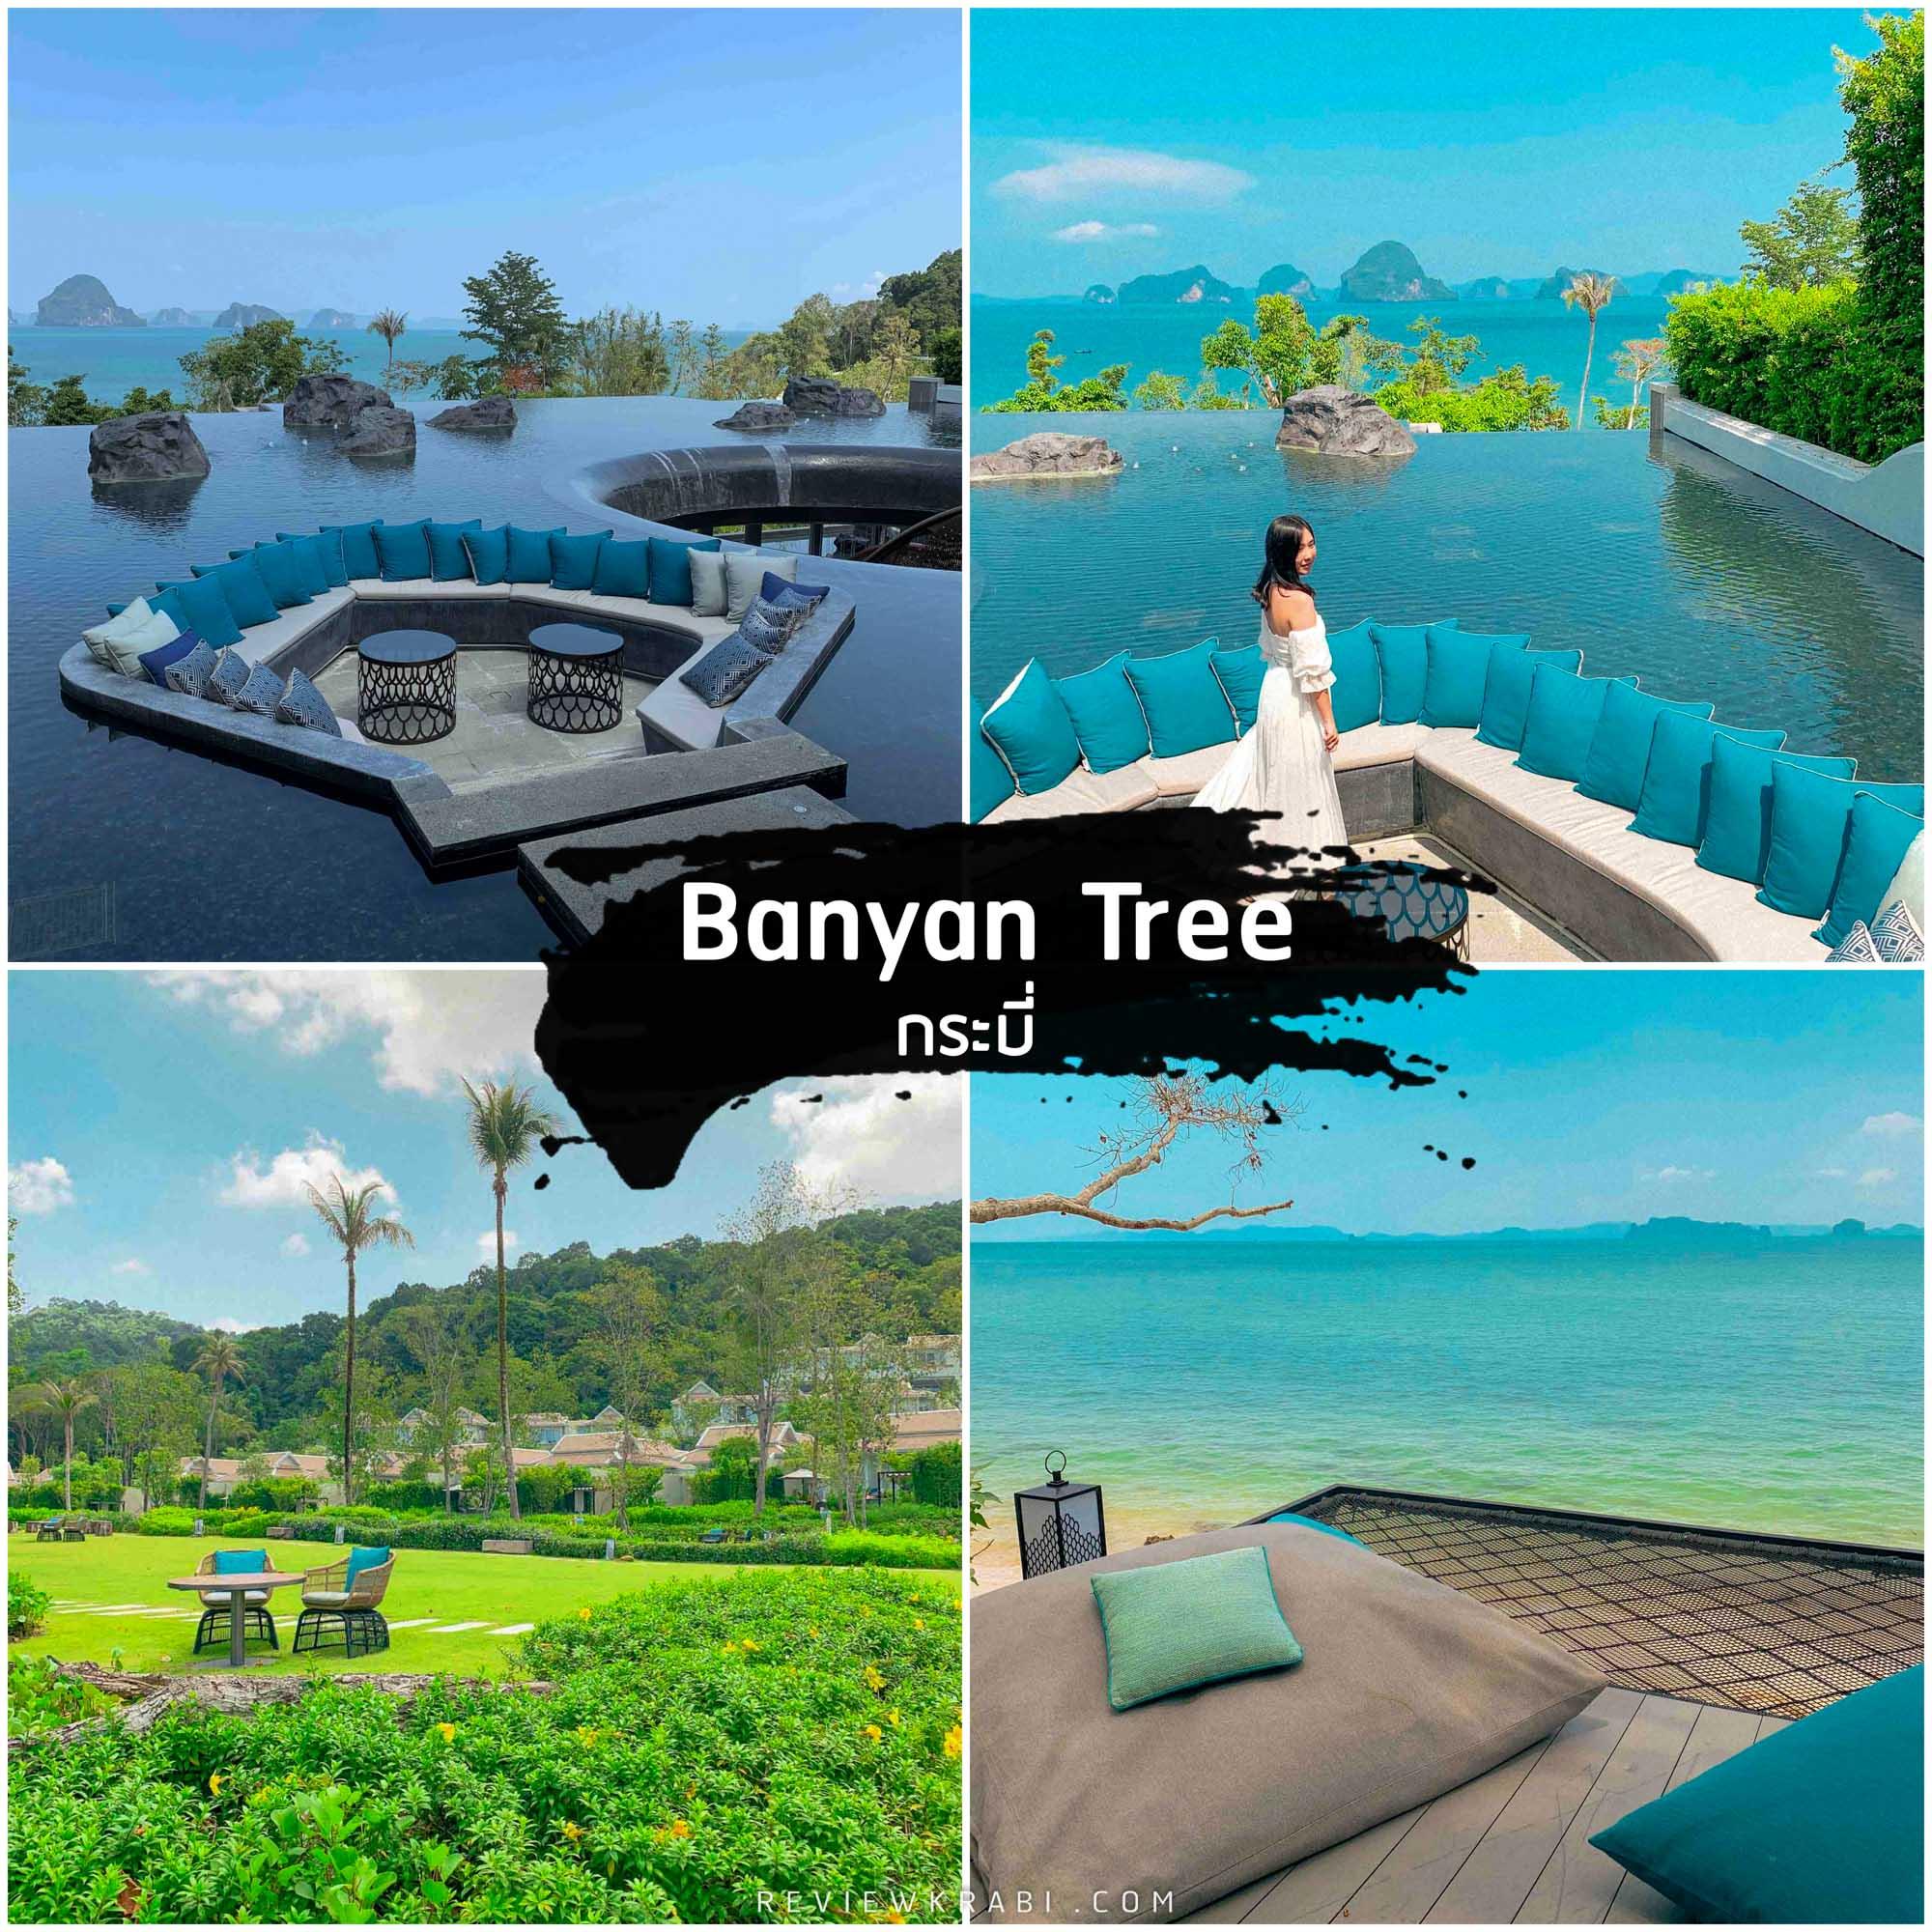 Banyan-Tree-กระบี่ -ที่พักกระบี่-สุดสวยวิวหลักล้าน-วิวทะเล-ภูเขาพร้อมหญ้าสีเขียวๆ-ฟินมากก-มีมุมลับๆน่ารักๆมากมาย-พักผ่อนนอนเล่นในห้องพักหลากหลายสไตล์ที่กว้างขวางไปจนถึงวิลล่าสุดหรูริมหาดทับแขก-ว่ายน้ำในสระส่วนตัวได้ตลอด-24-ชม.-กันเลยทีเดียว-การออกแบบโดดเด่นผสมผสานฟิวชั่นของสถาปัตยกรรมตามความเชื่อของตำนานท้องถิ่นของหาดทับแขกเกี่ยวกับพญานาค-ผสมผสานกับความโมเดิร์นทันสมัยสะดวกสบายระดับ-5-ดาว-ทำให้ความสวยงามลงตัวไม่แพ้ที่ไหนเลยครับ-10/10 กระบี่,จุดเช็คอิน,ที่เที่ยว,ร้านกาแฟ,คาเฟ่,ทะเล,ภูเขา